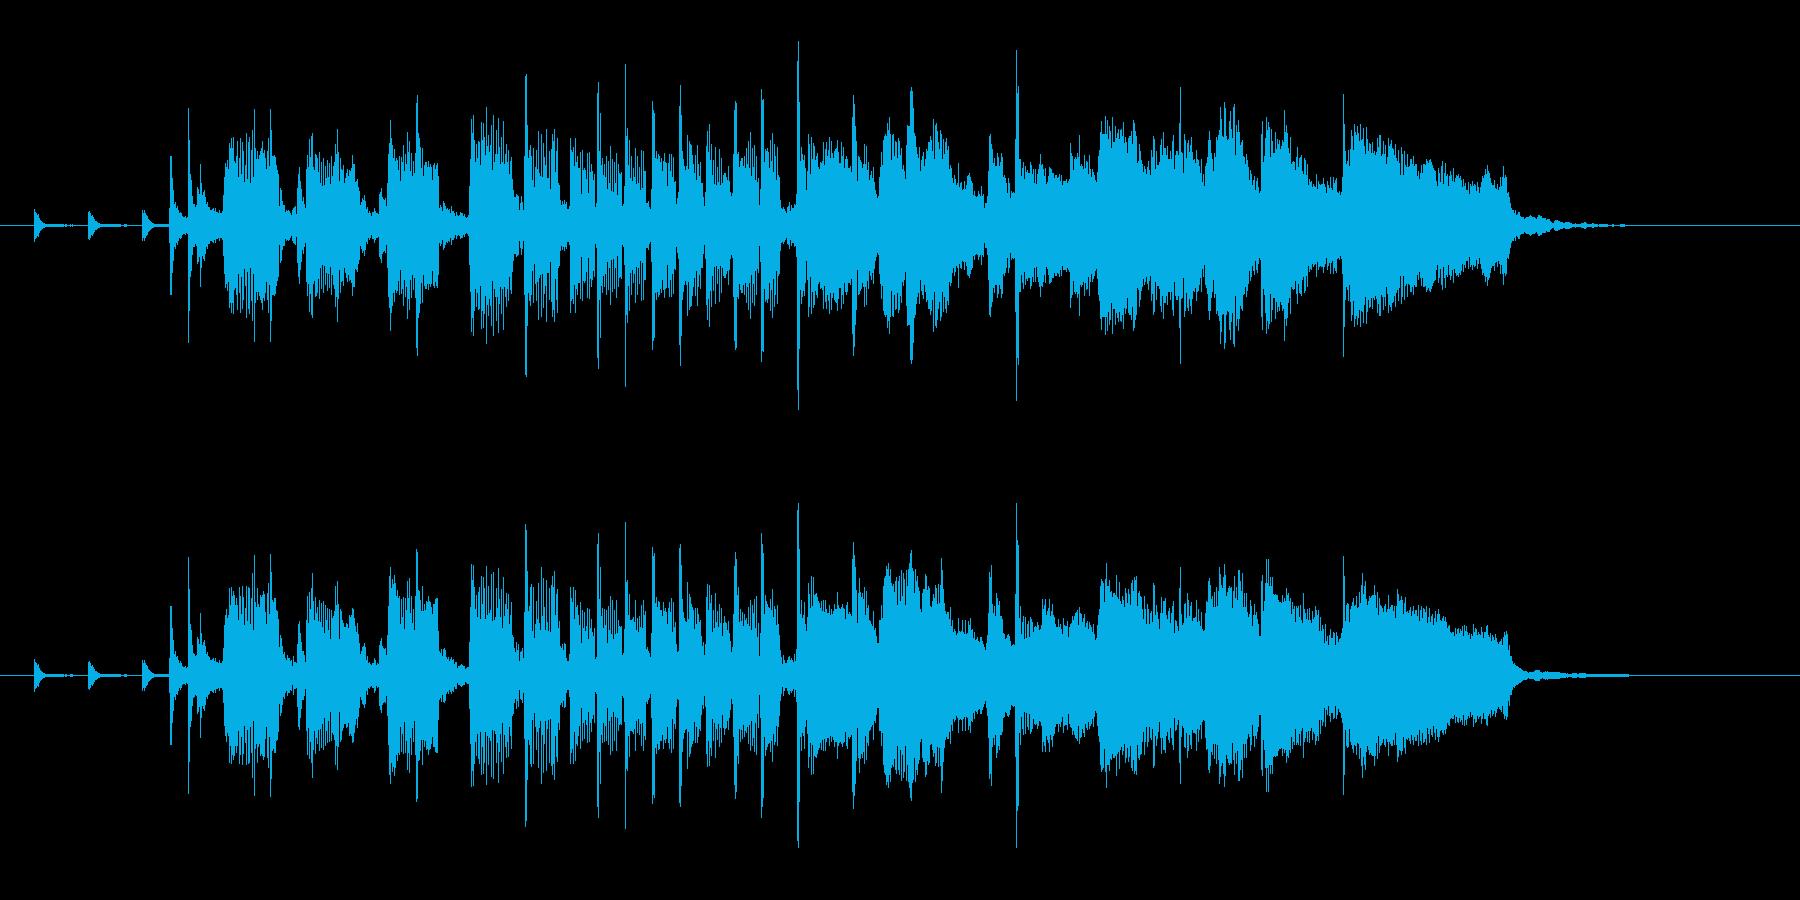 CMロゴプレゼン疾走感おもしろジャズリフの再生済みの波形